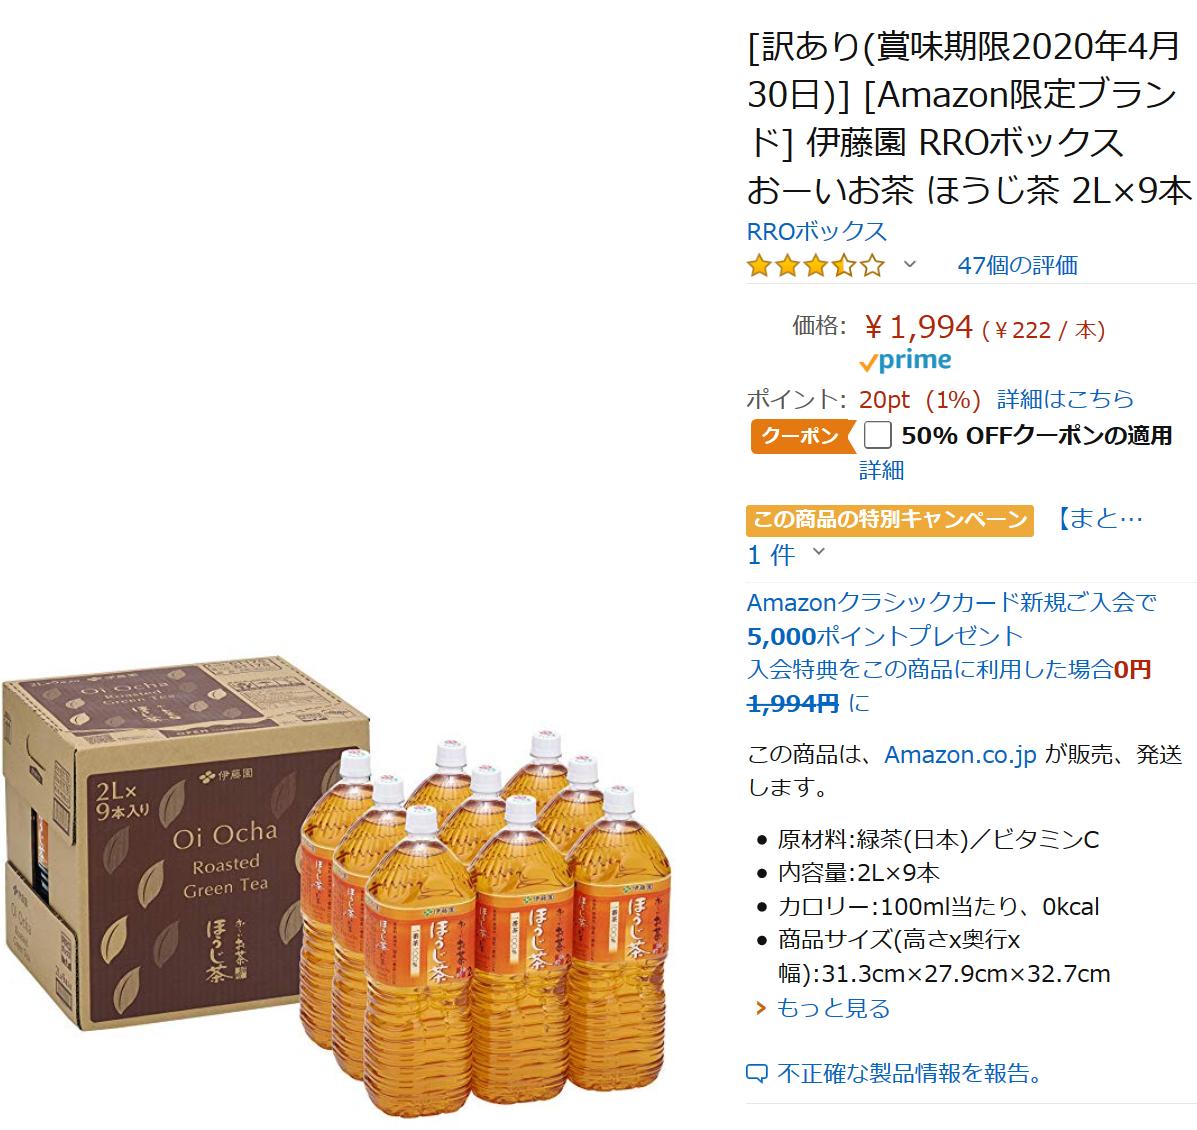 Screenshot_2020-03-11 Amazon [訳あり(賞味期限2020年4月30日)] [Amazon限定ブランド] 伊藤園 RROボックス おーいお茶 ほうじ茶 2L×9本 RROボックス お茶飲料 通販